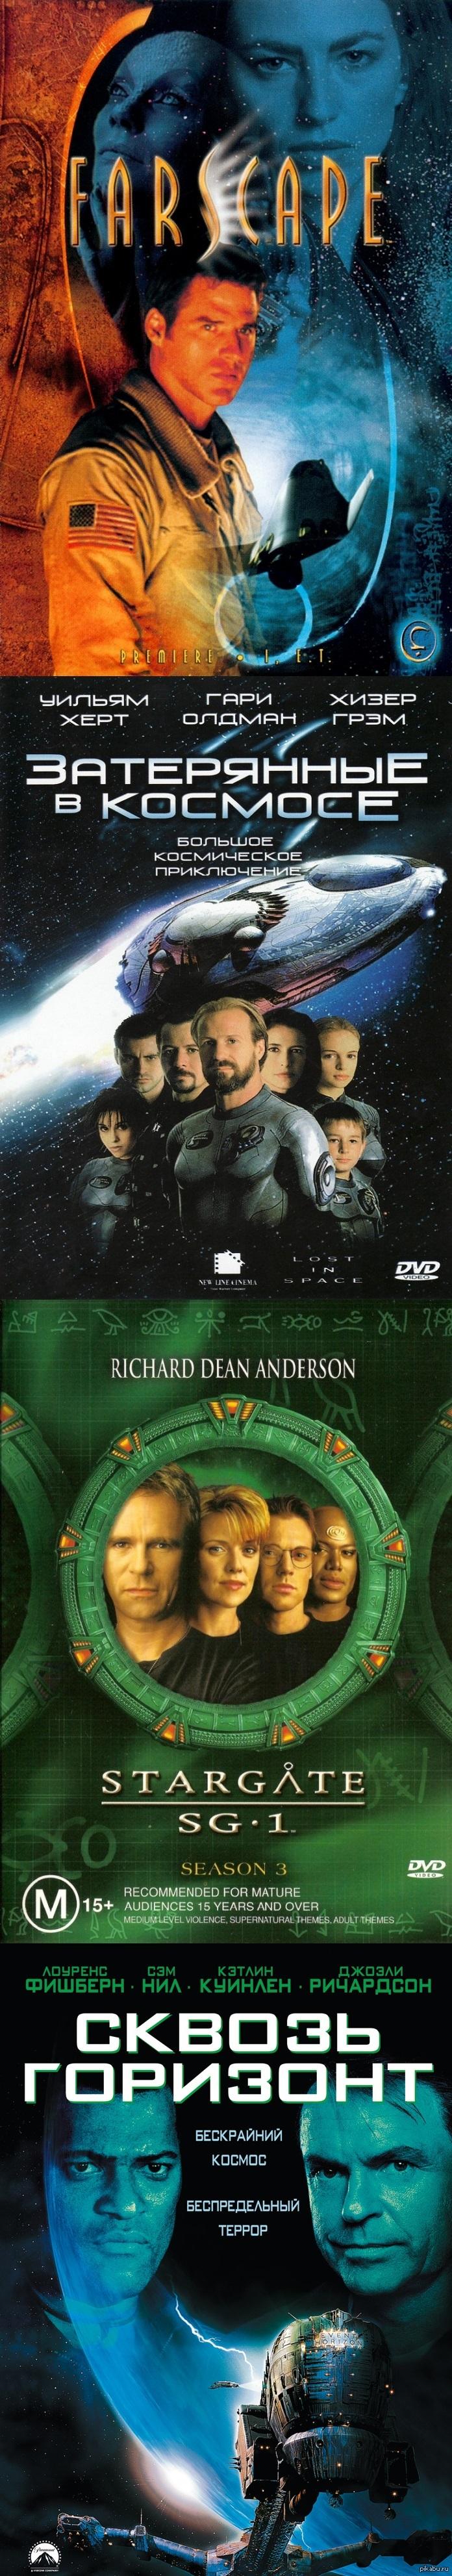 Космическая фантастика фильмы